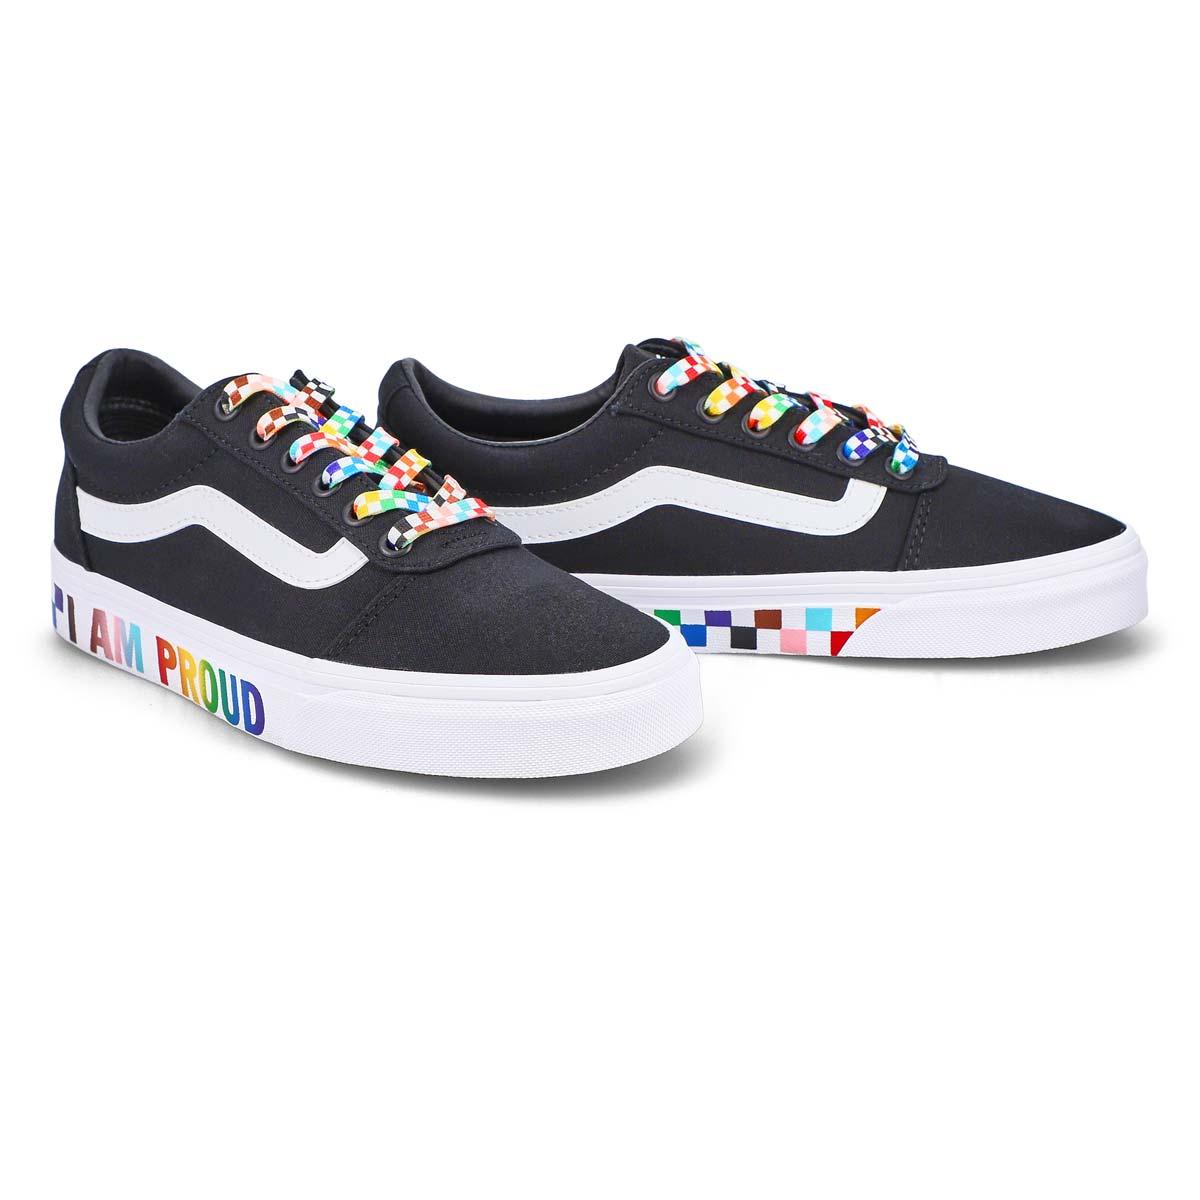 Women's Ward Pride Sneaker - Black/Rainbow